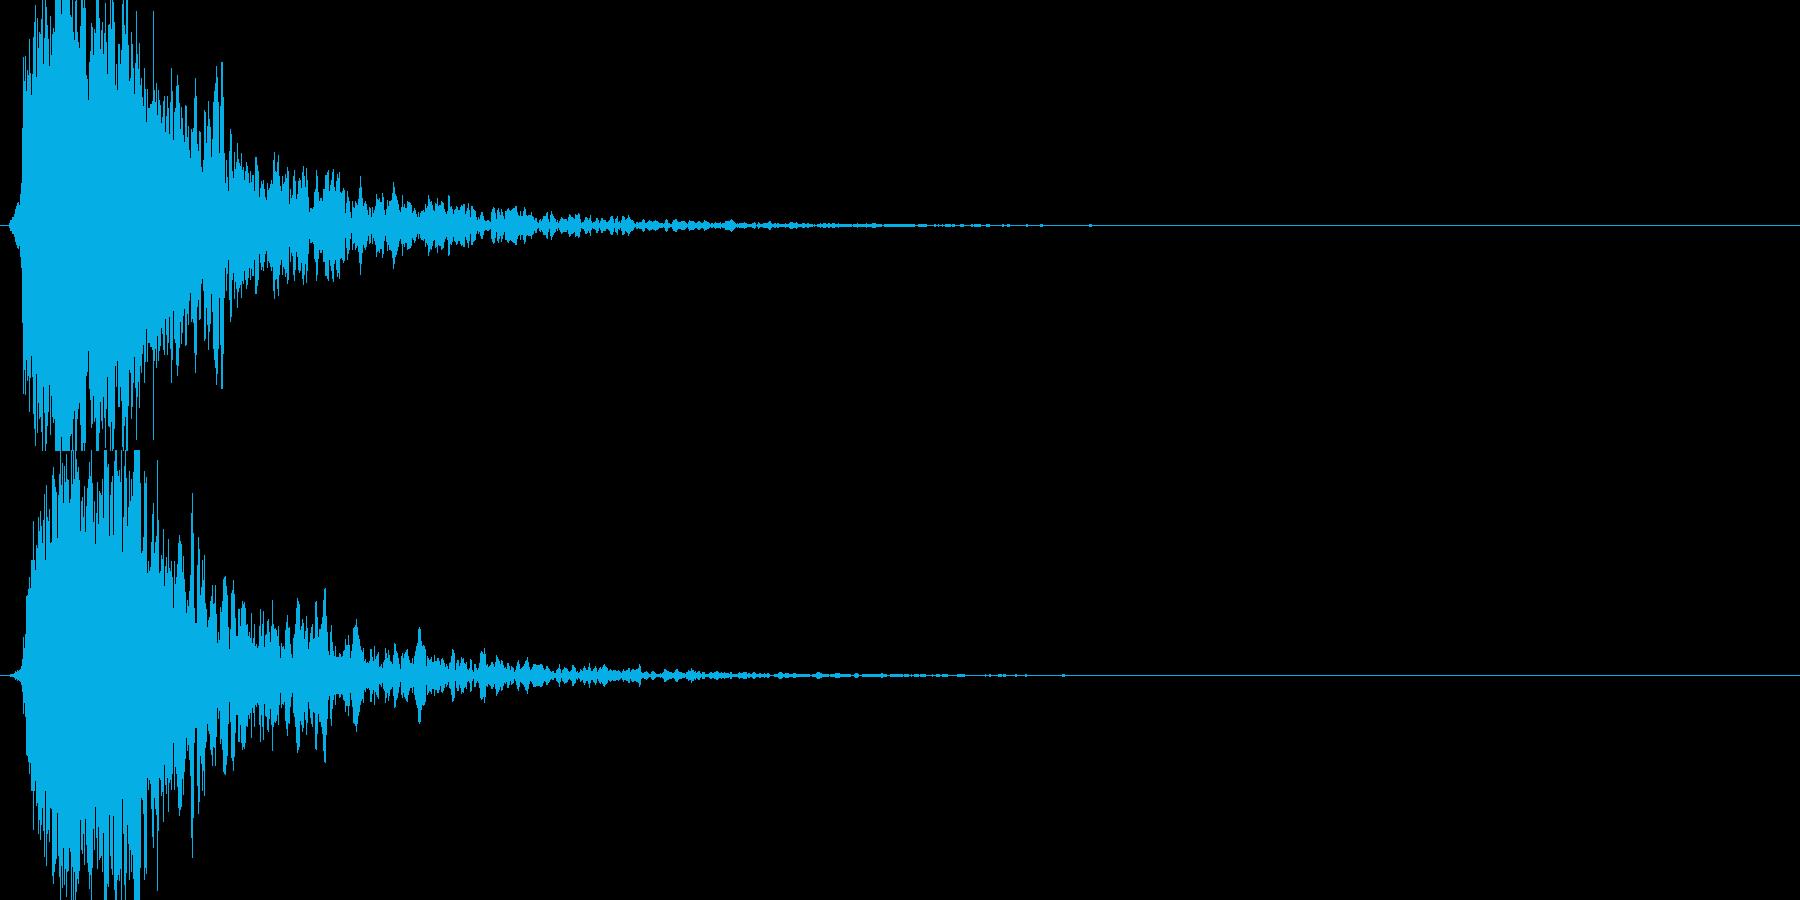 シャキーン!ド派手なインパクト効果音1Vの再生済みの波形